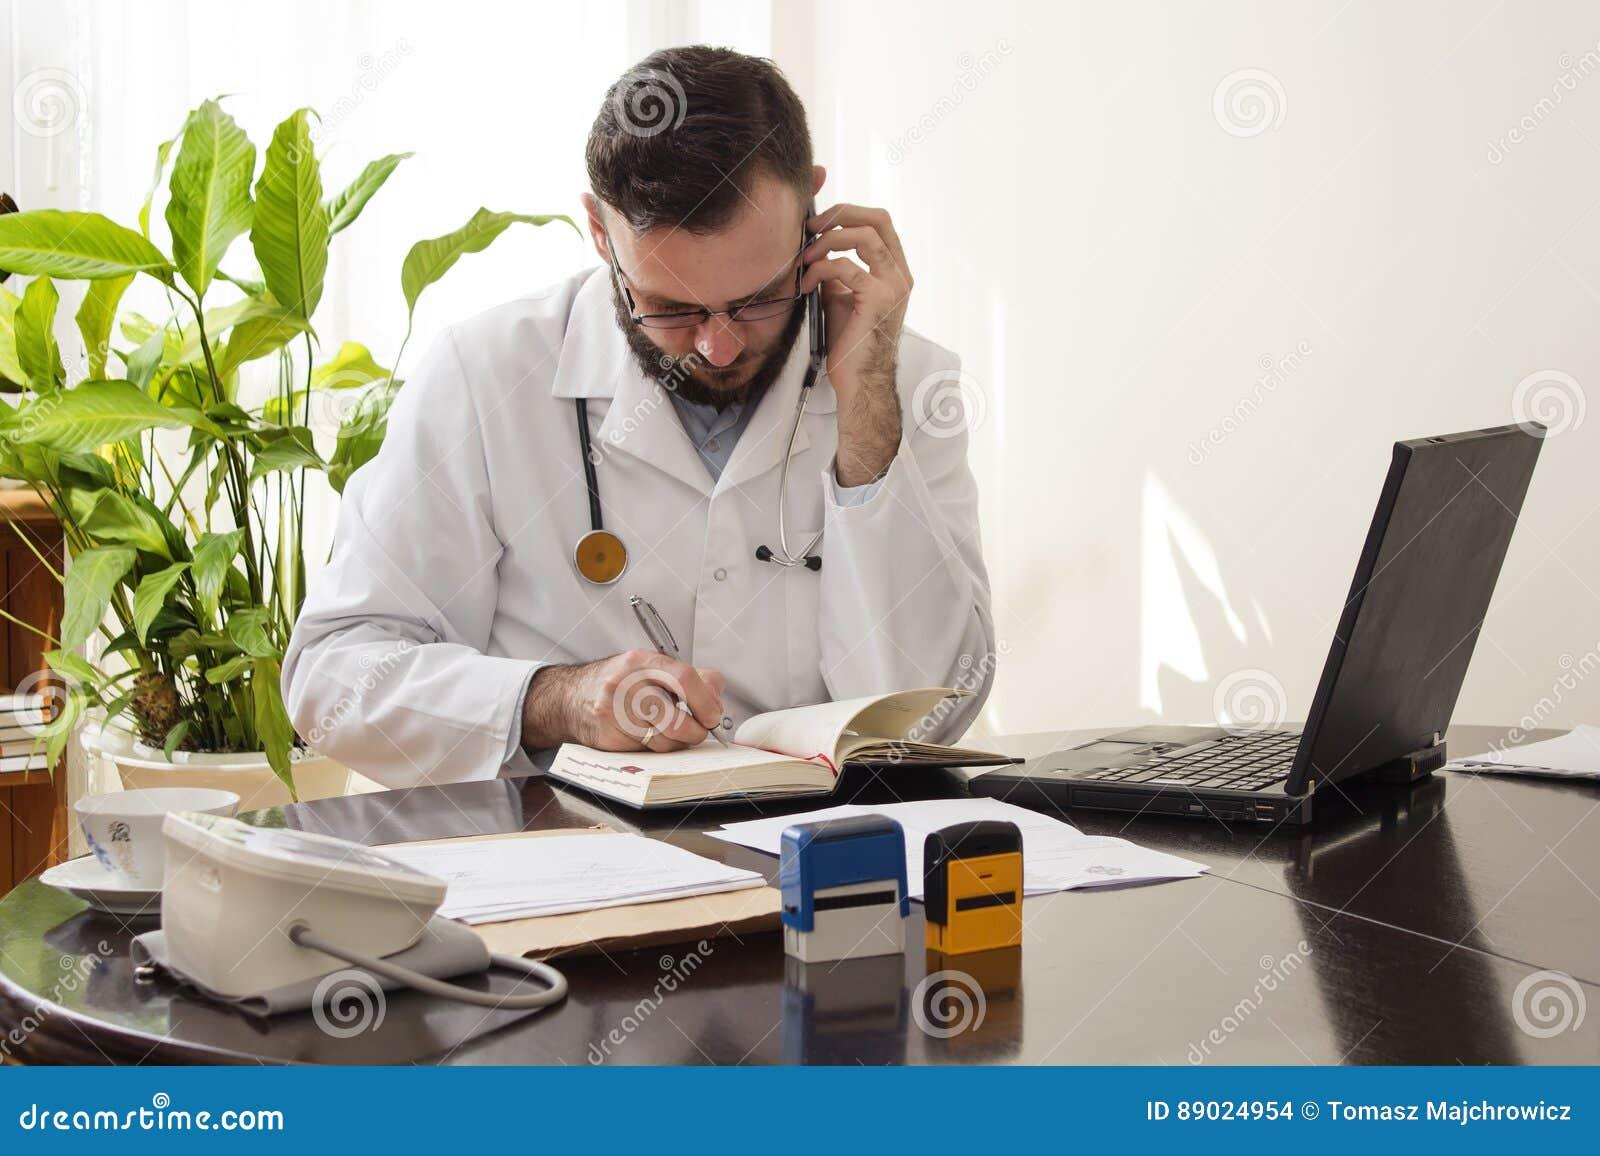 Доктор во время телефонного звонка сохраняет назначение в календаре